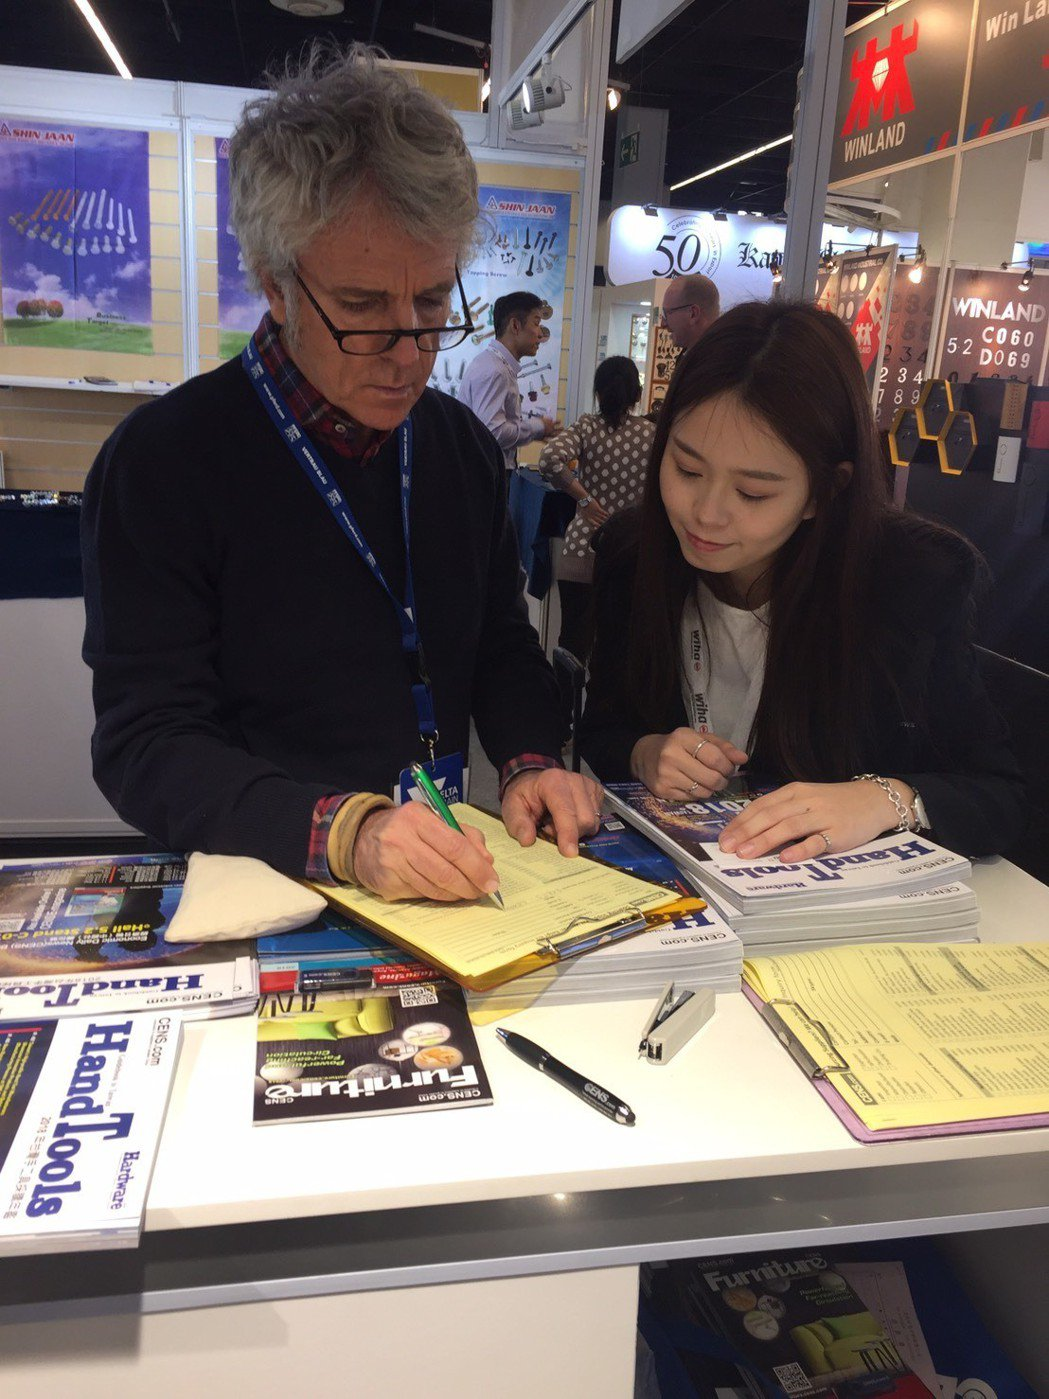 經濟日報與旗下中經社在現場,提供最新版台灣手工具年鑑與線上電子書、台灣家具專刊及...